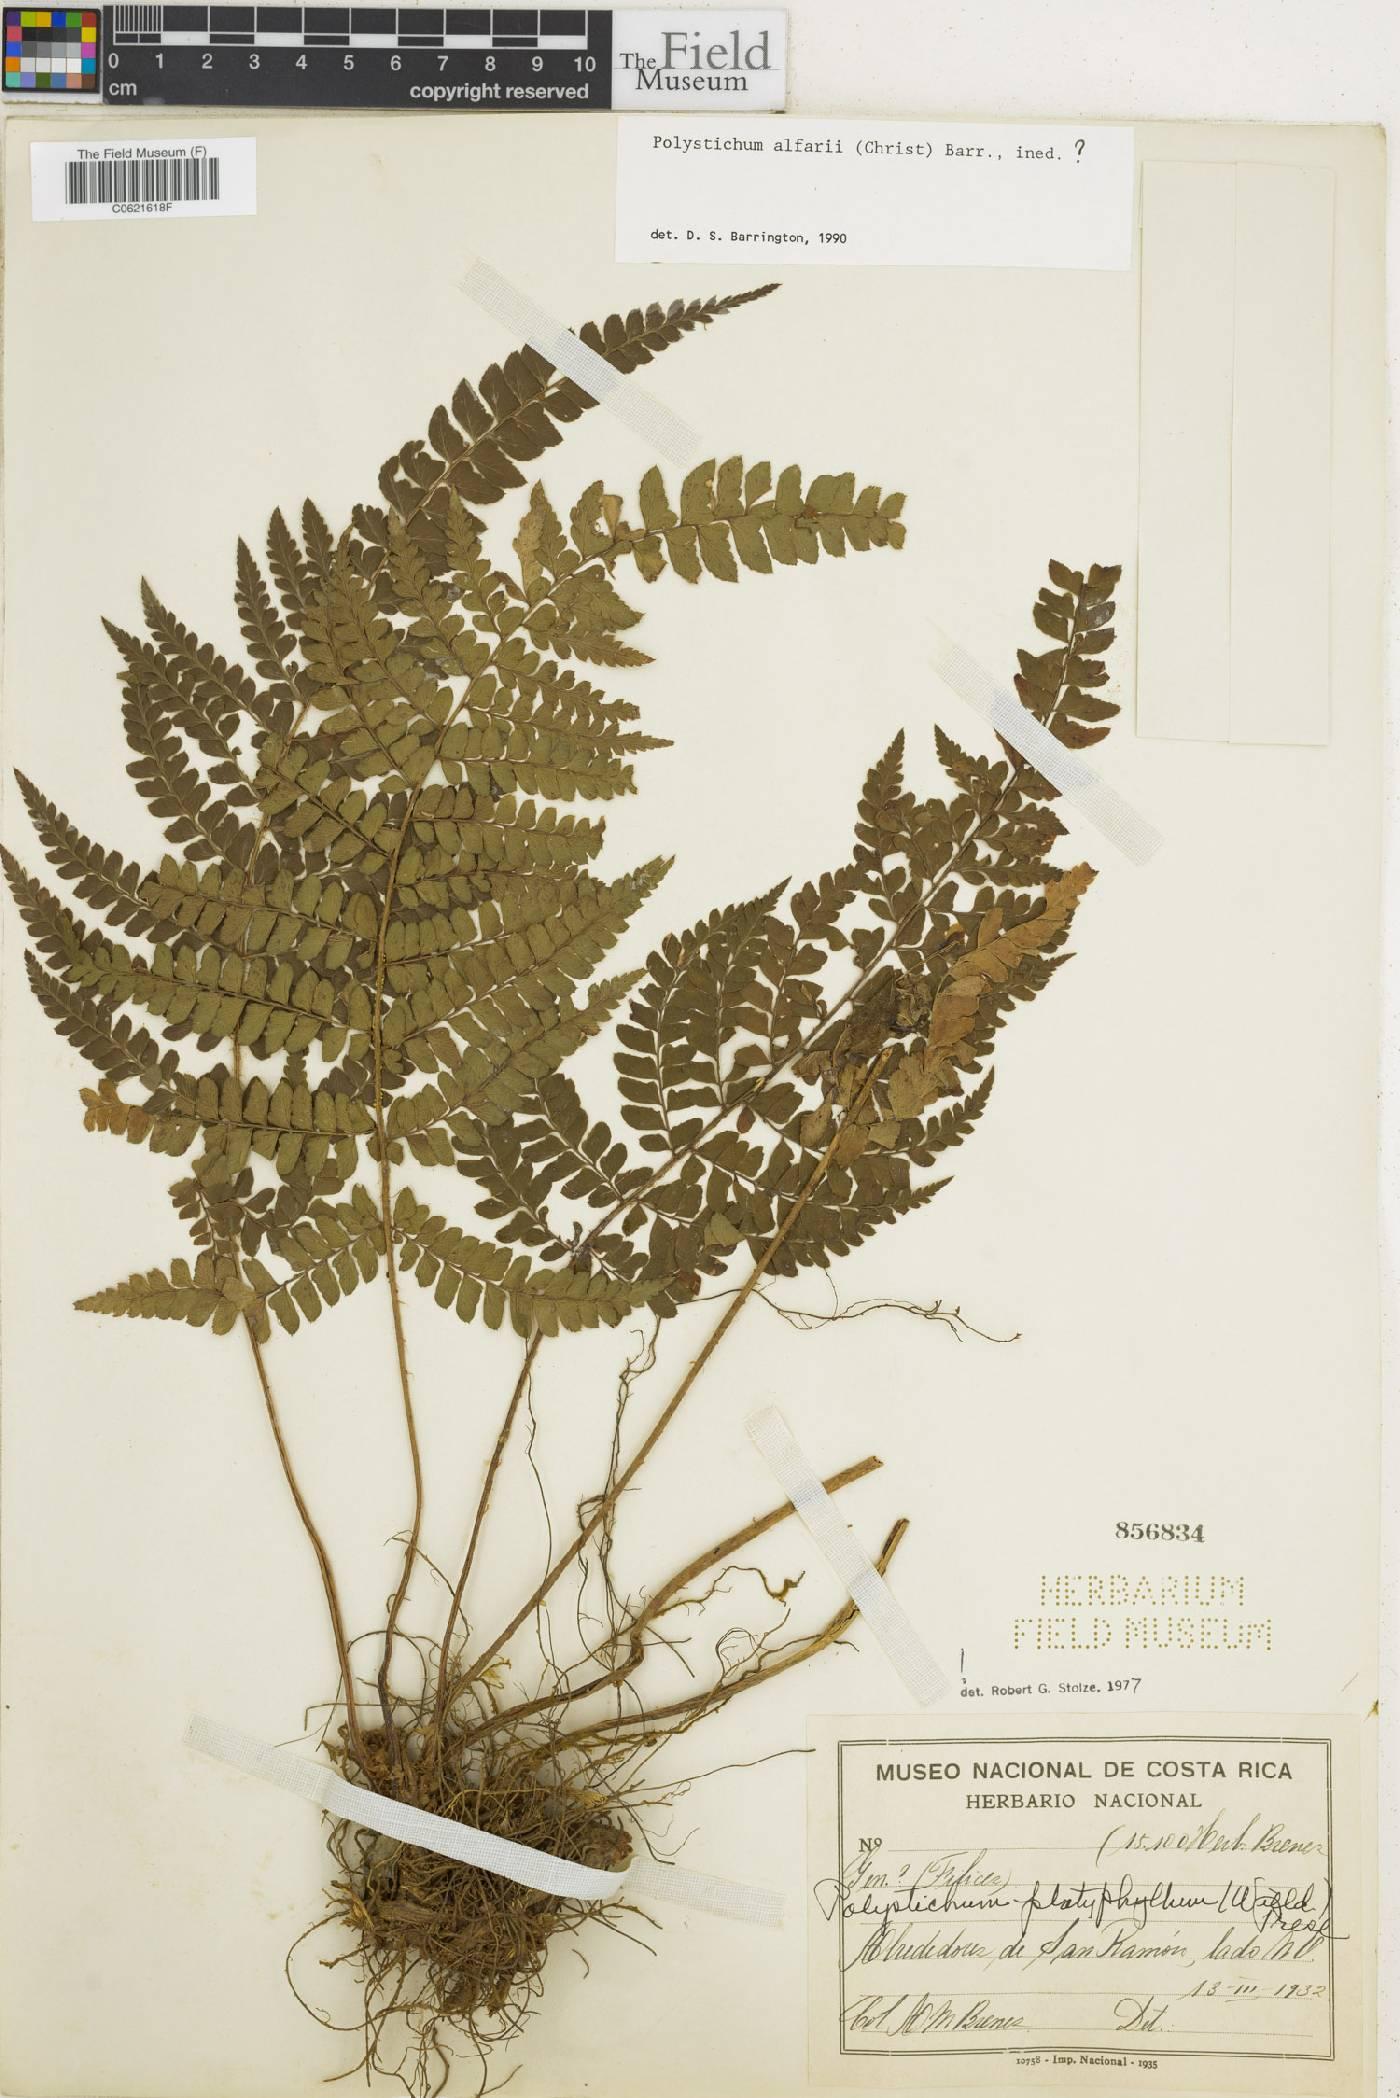 Polystichum alfaroi image